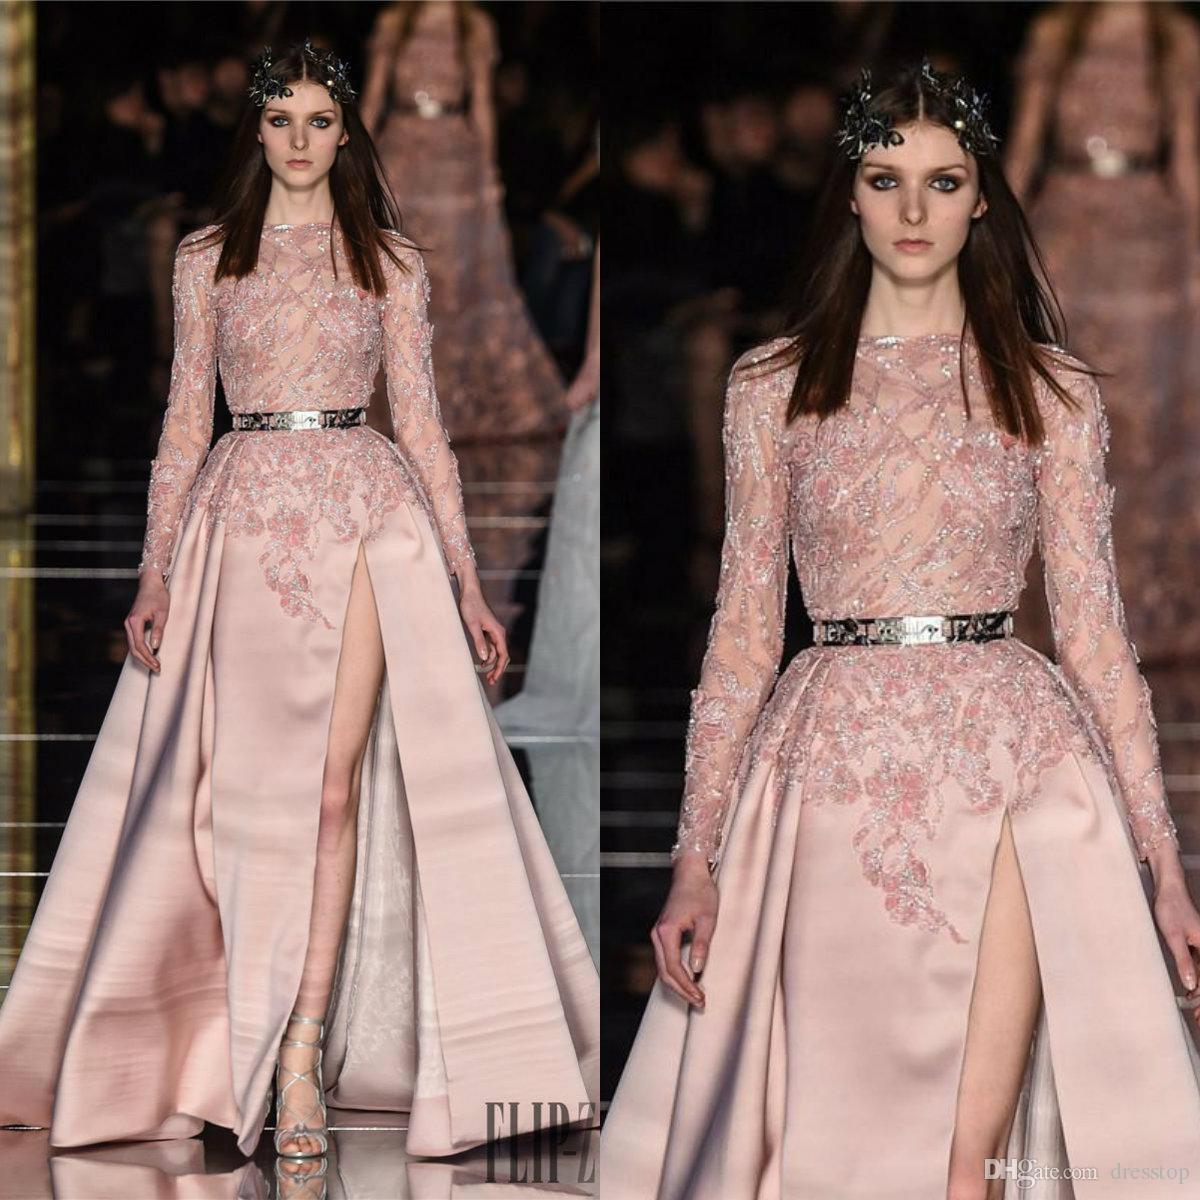 2019 Zuhair Murad Split Brautkleider Lange, schiere Bateau-Hals A-Line Perlen Abendkleider Ärmeln Bodenlangen Appliqued Party Kleid für Frauen